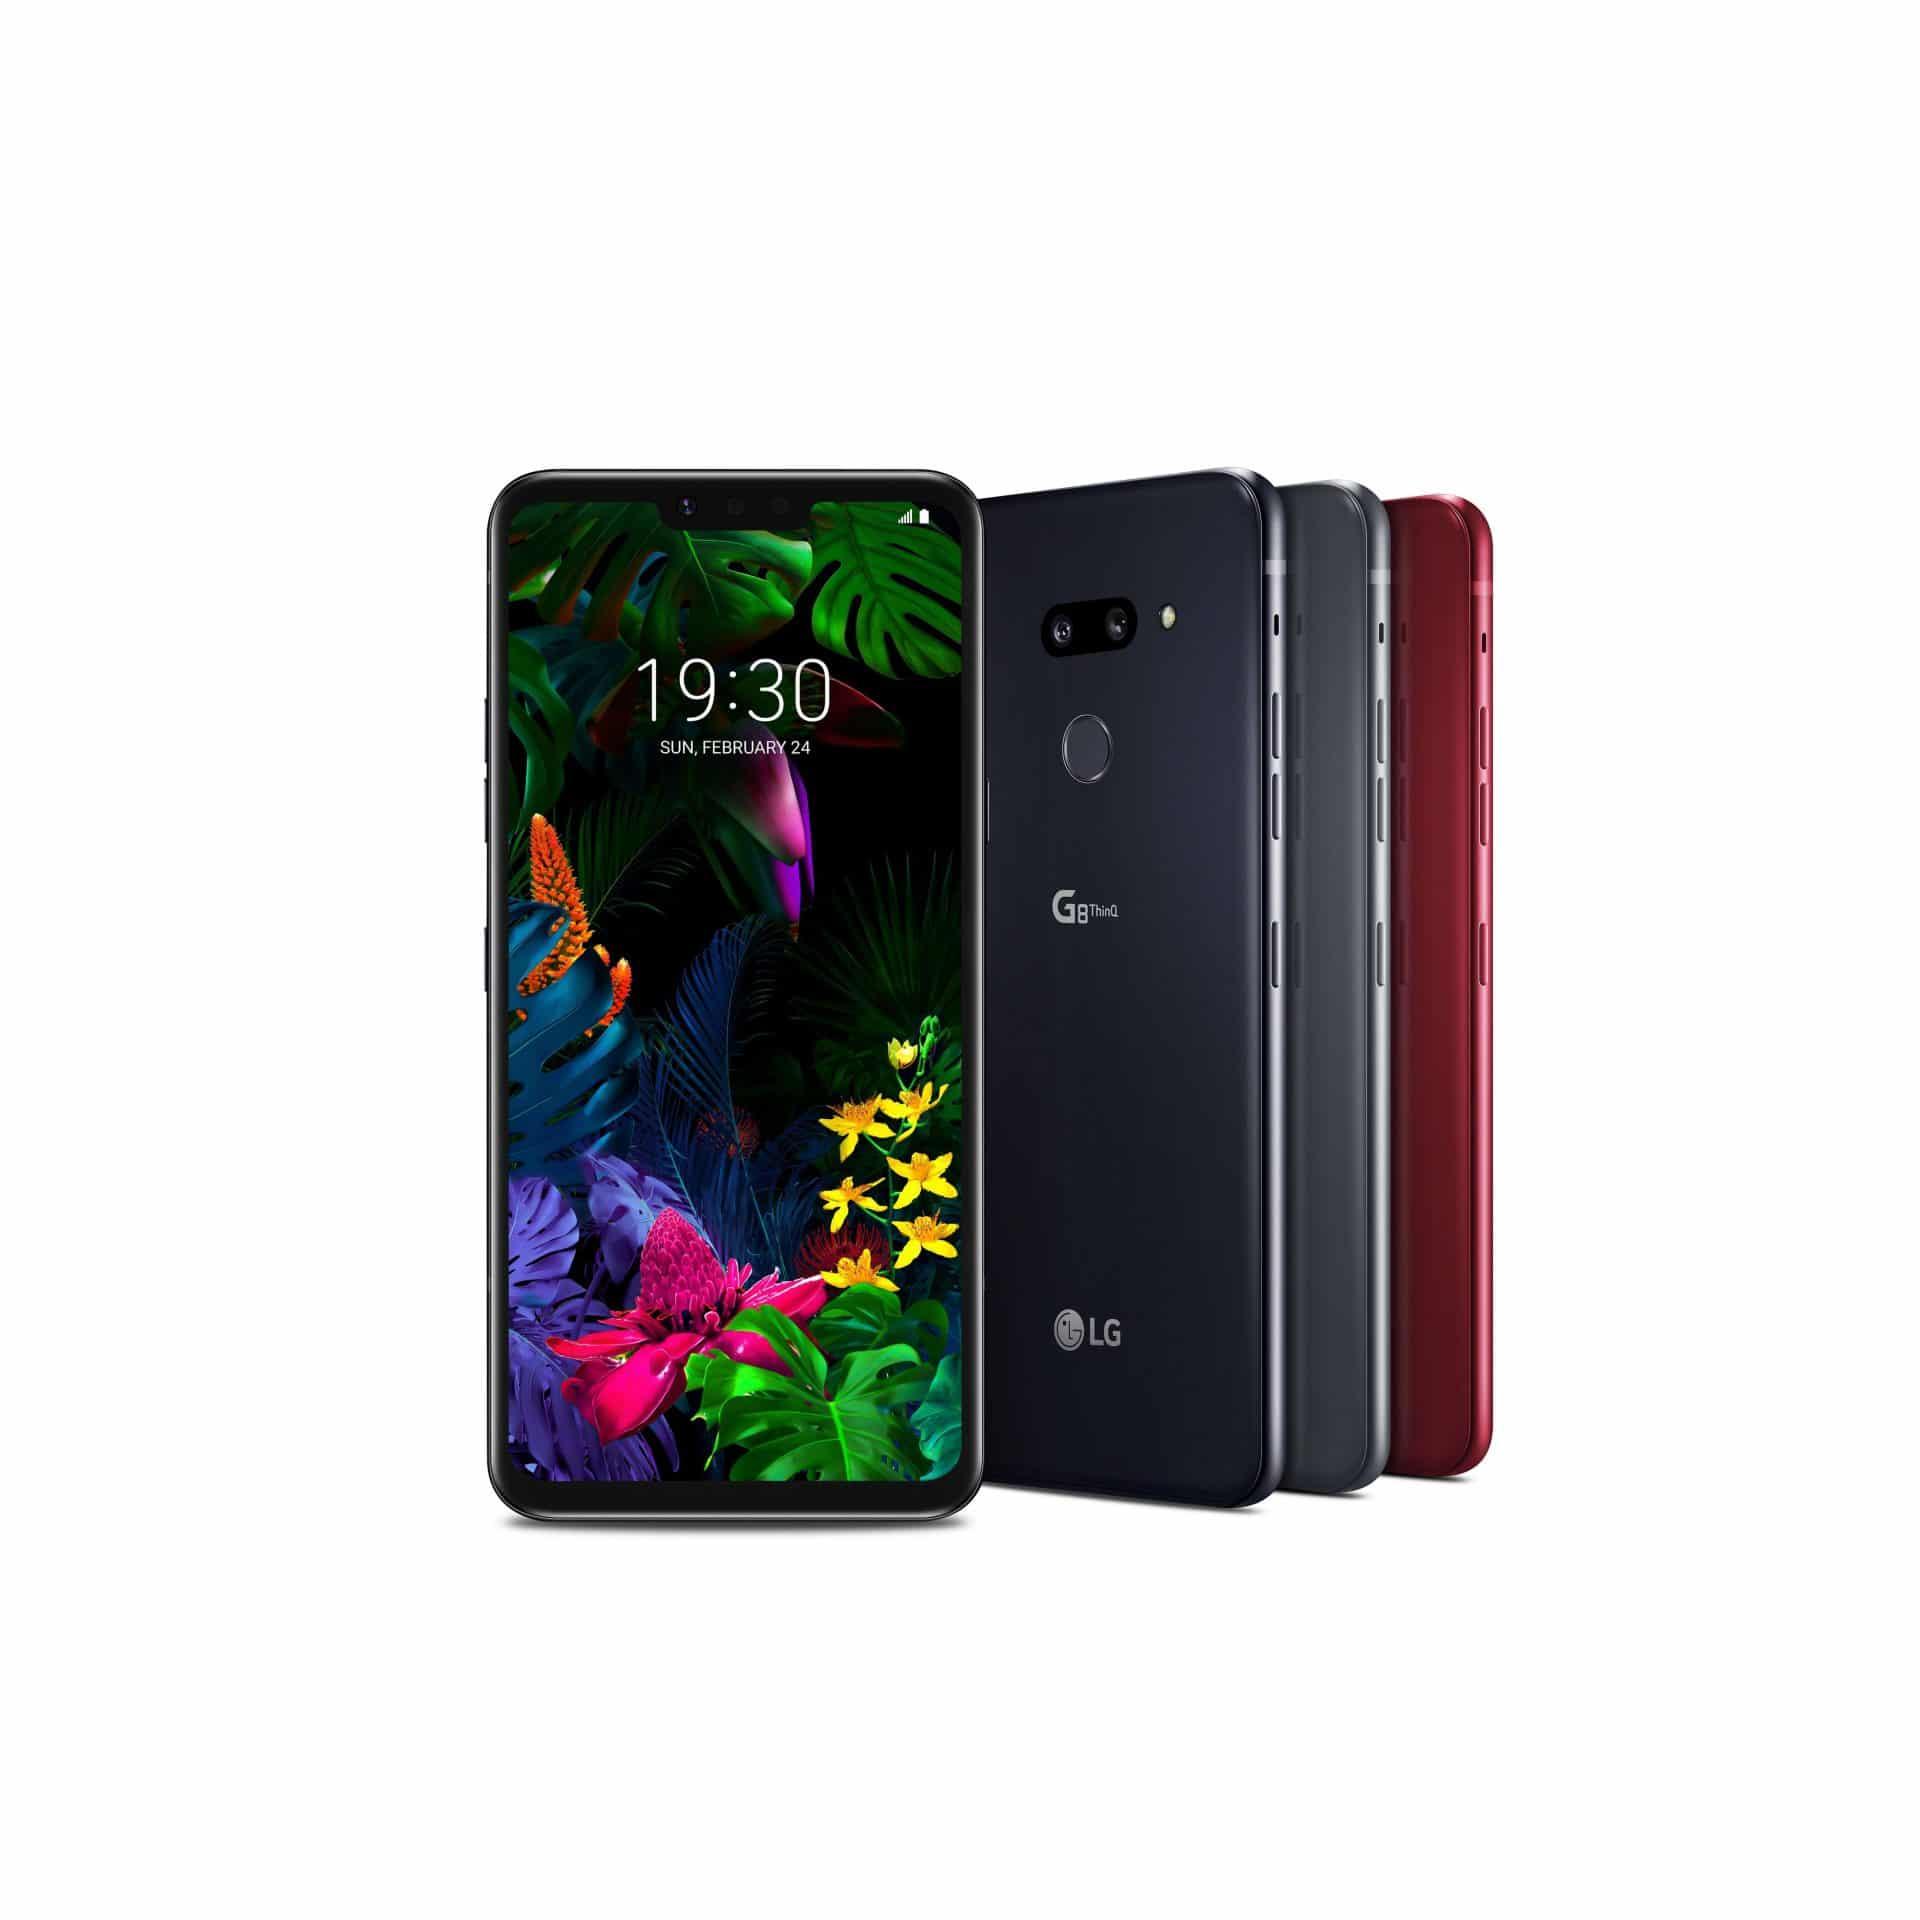 MWC 2019: LG versucht sein Glück mit G8 ThinQ  und V50 ThinQ 5G 7 techboys.de • smarte News, auf den Punkt! MWC 2019: LG versucht sein Glück mit G8 ThinQ  und V50 ThinQ 5G